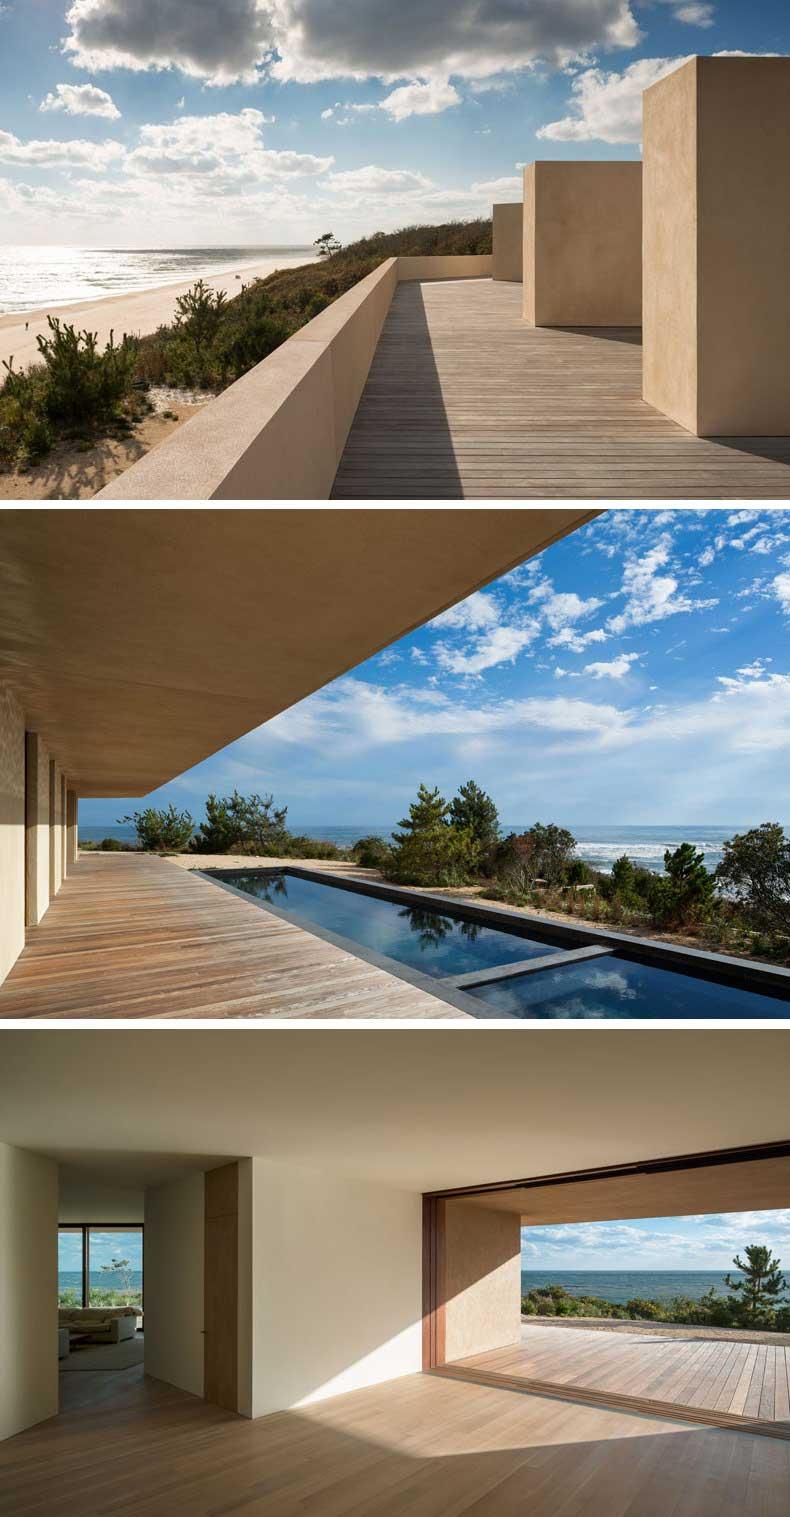 9 Casas minimalistas con arquitectura y diseo de locos OVACEN